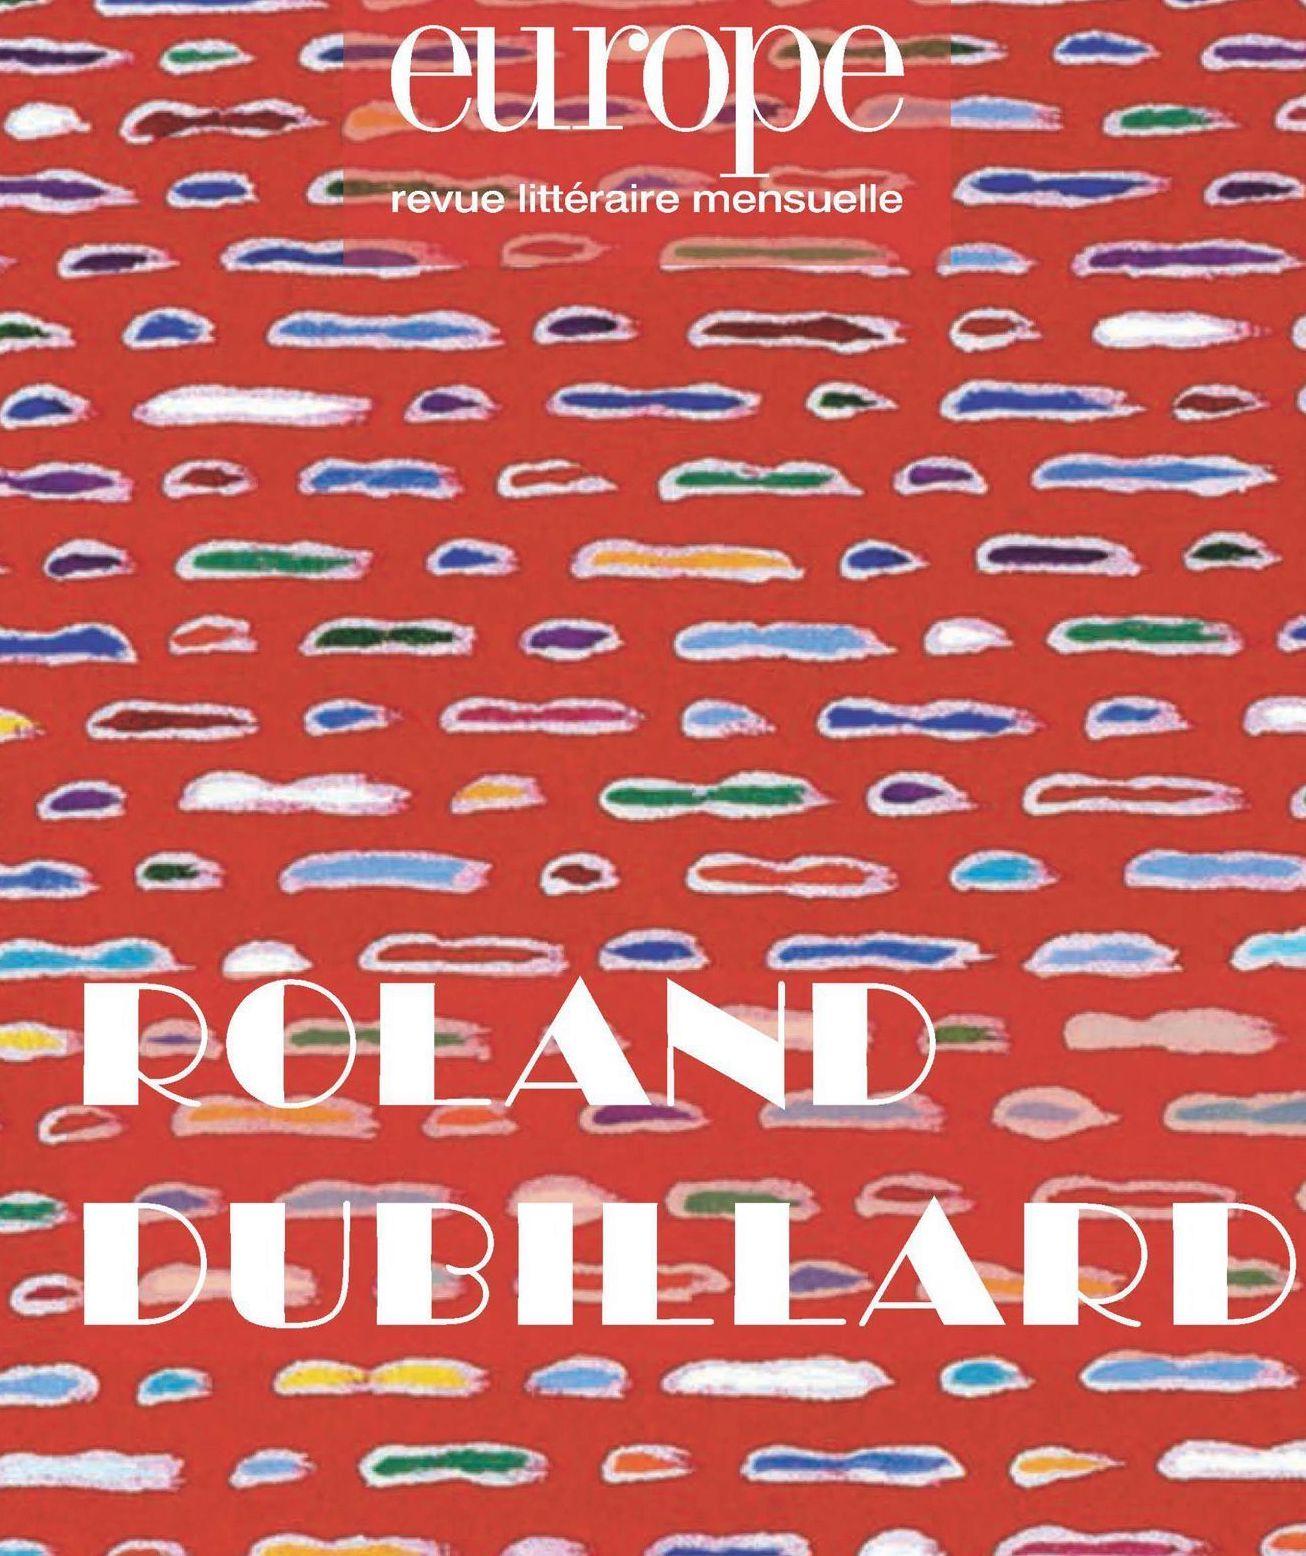 Dubillard-UNE.jpg